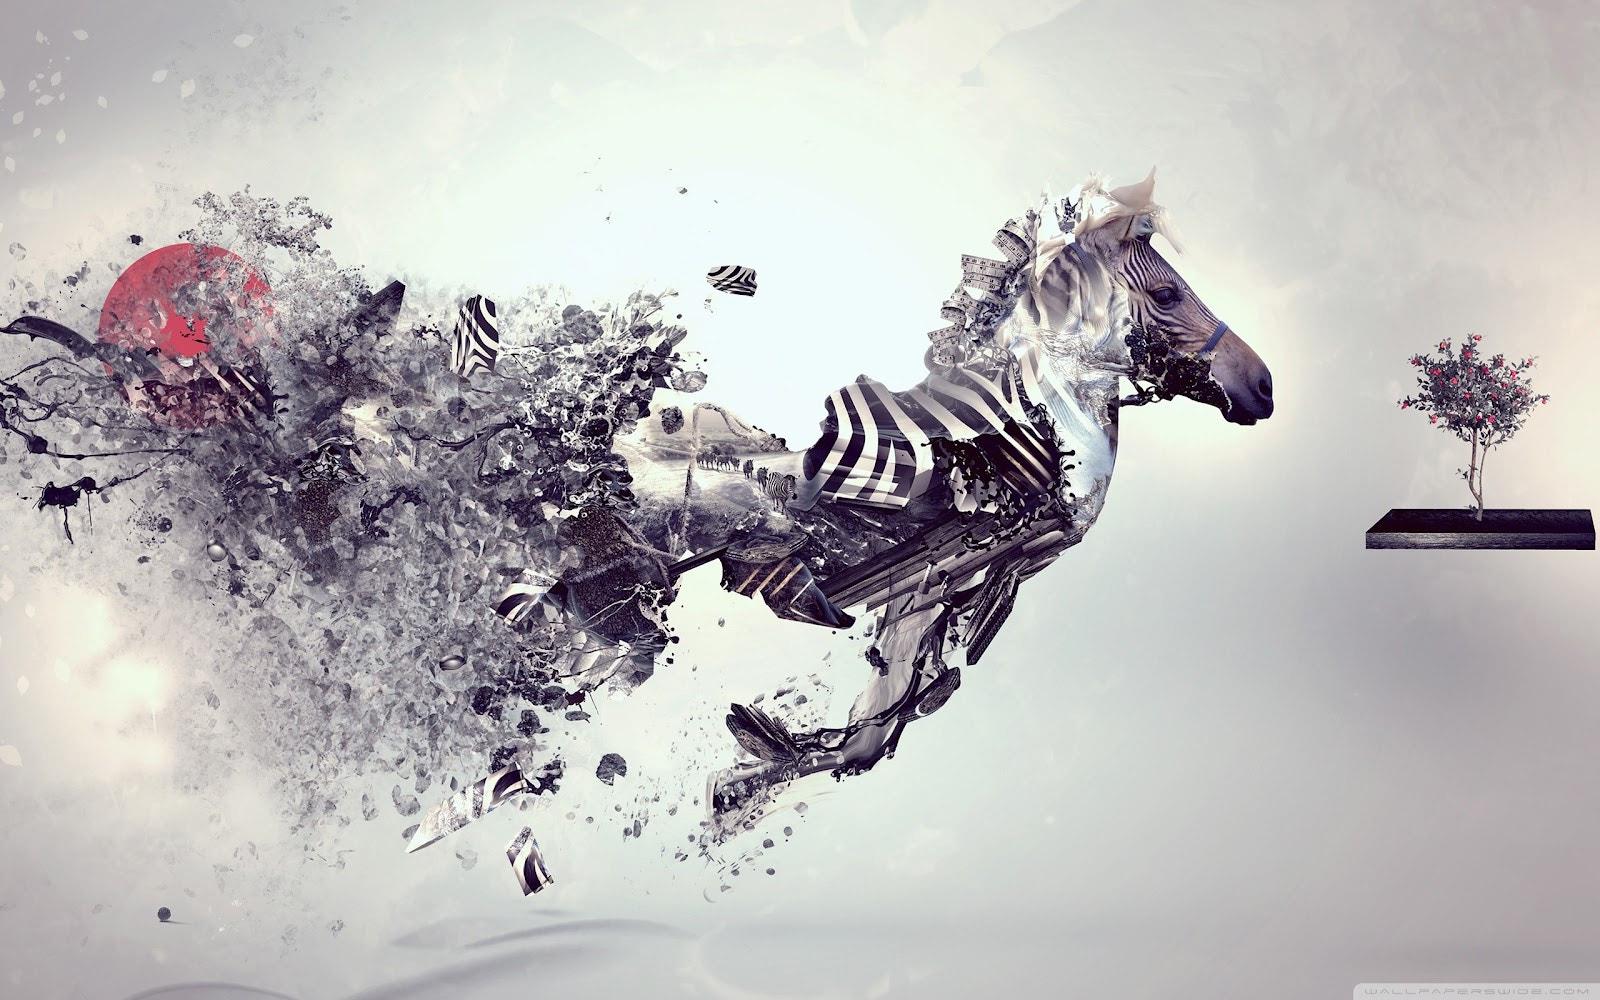 Exploding Zebra